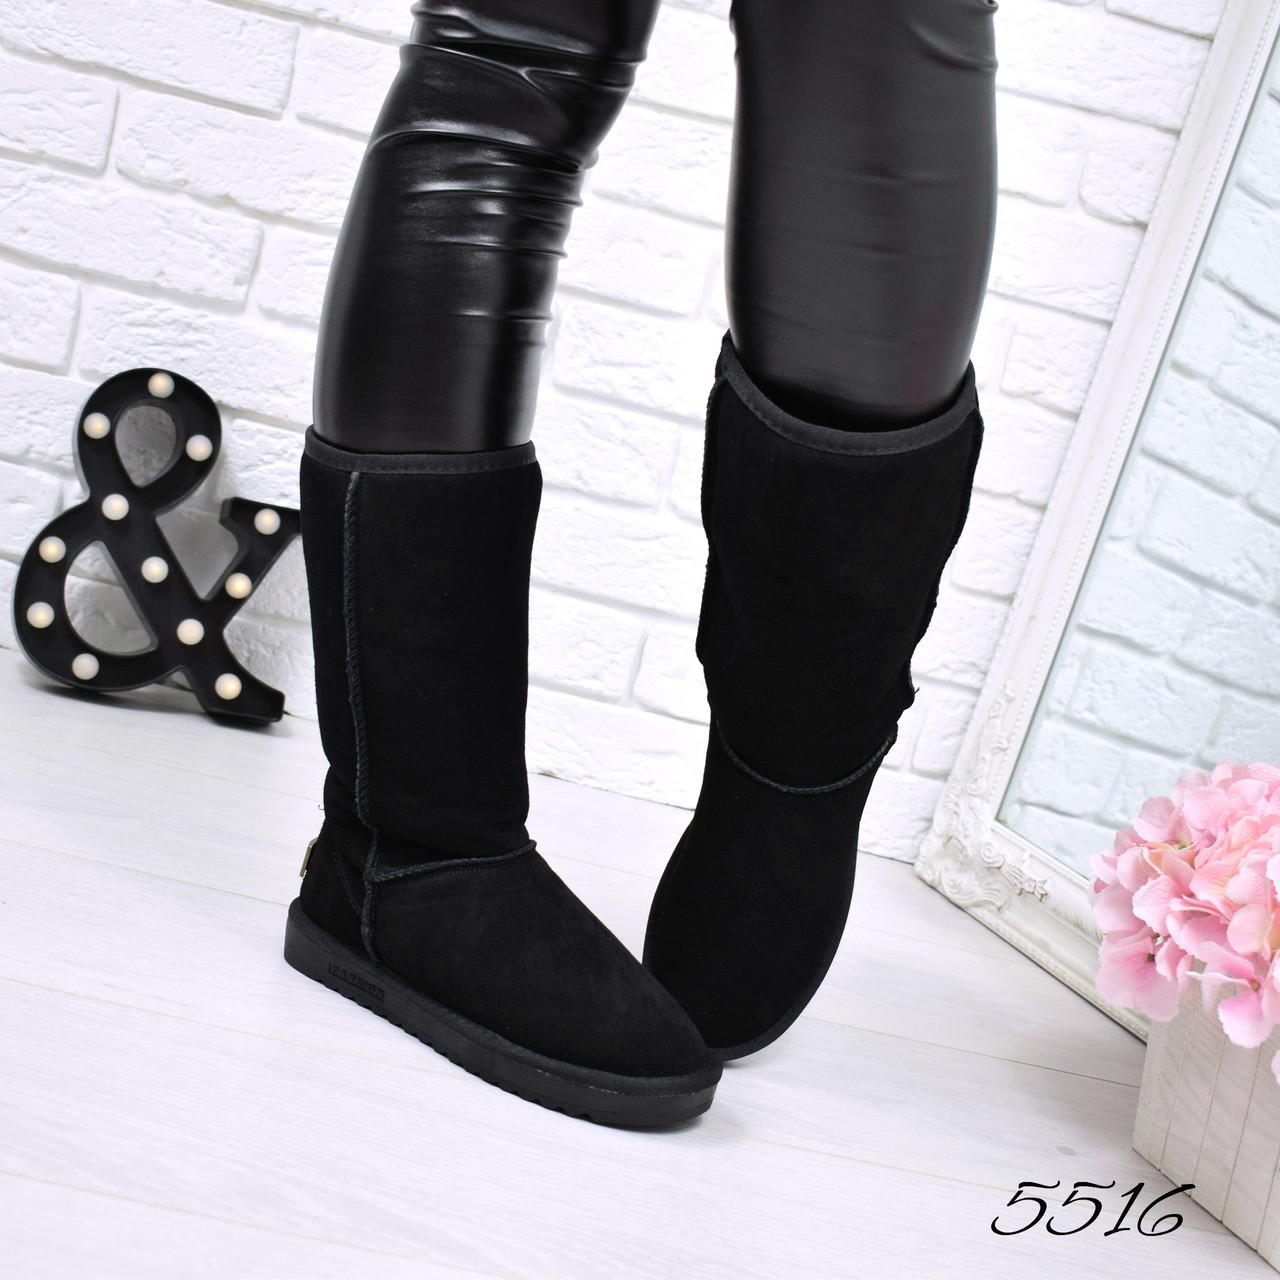 159d5acd8e13 ... Угги женские UGG Высокие натуральная замша 5516, зимняя обувь, ...